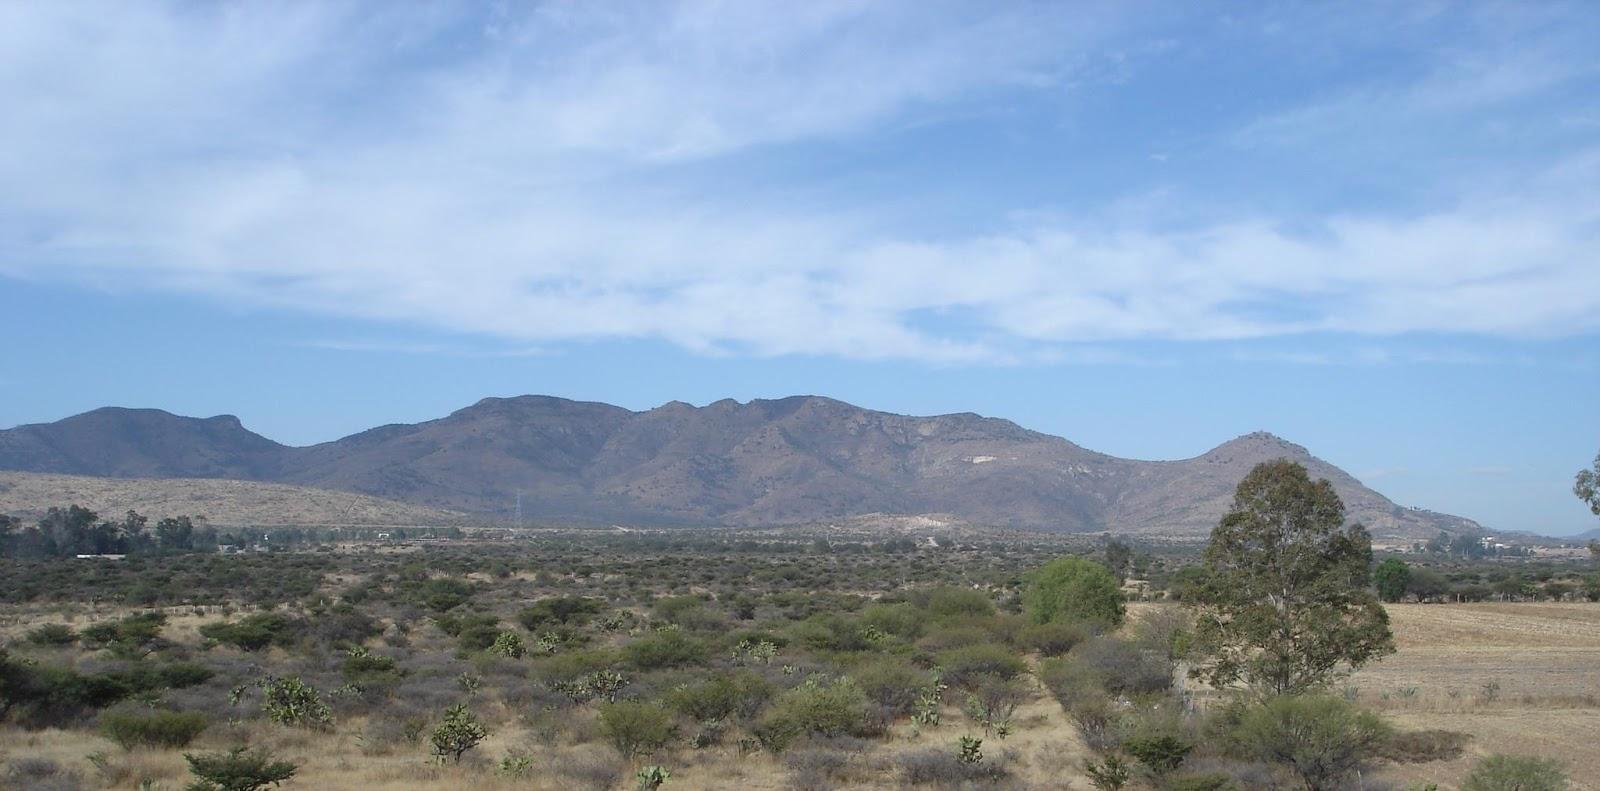 El cerro del Muerto